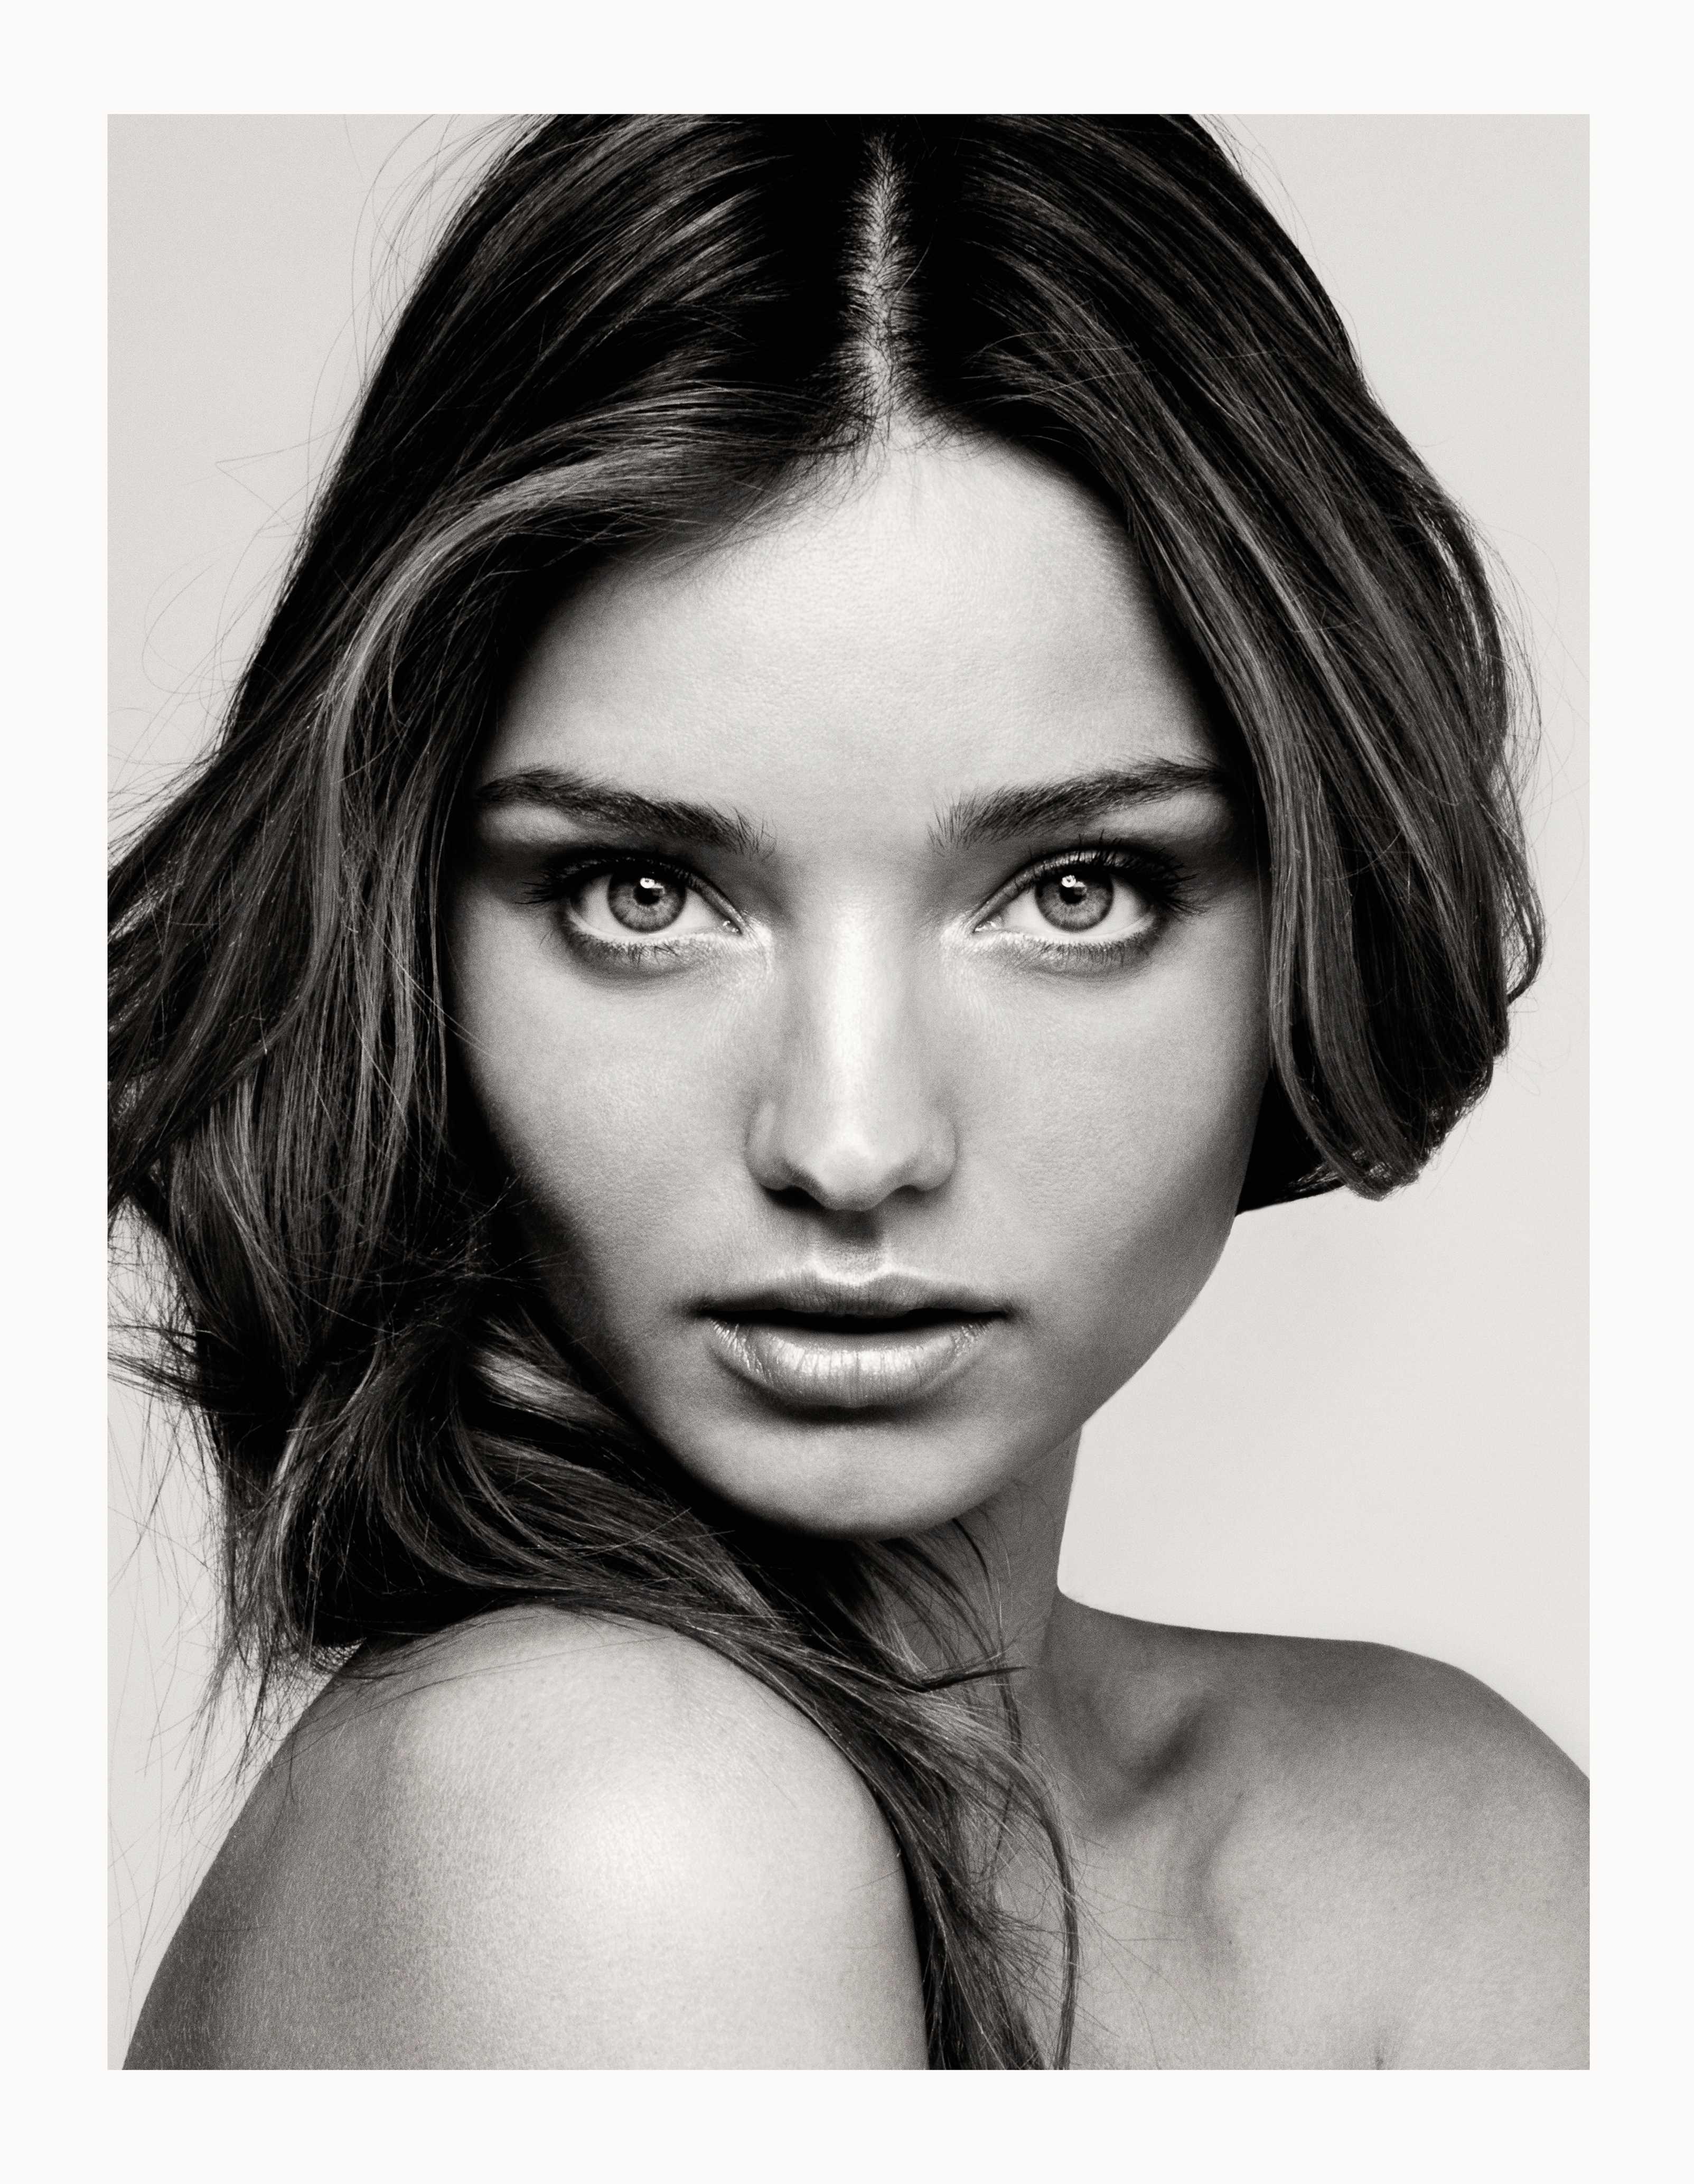 model face portrait - photo #33